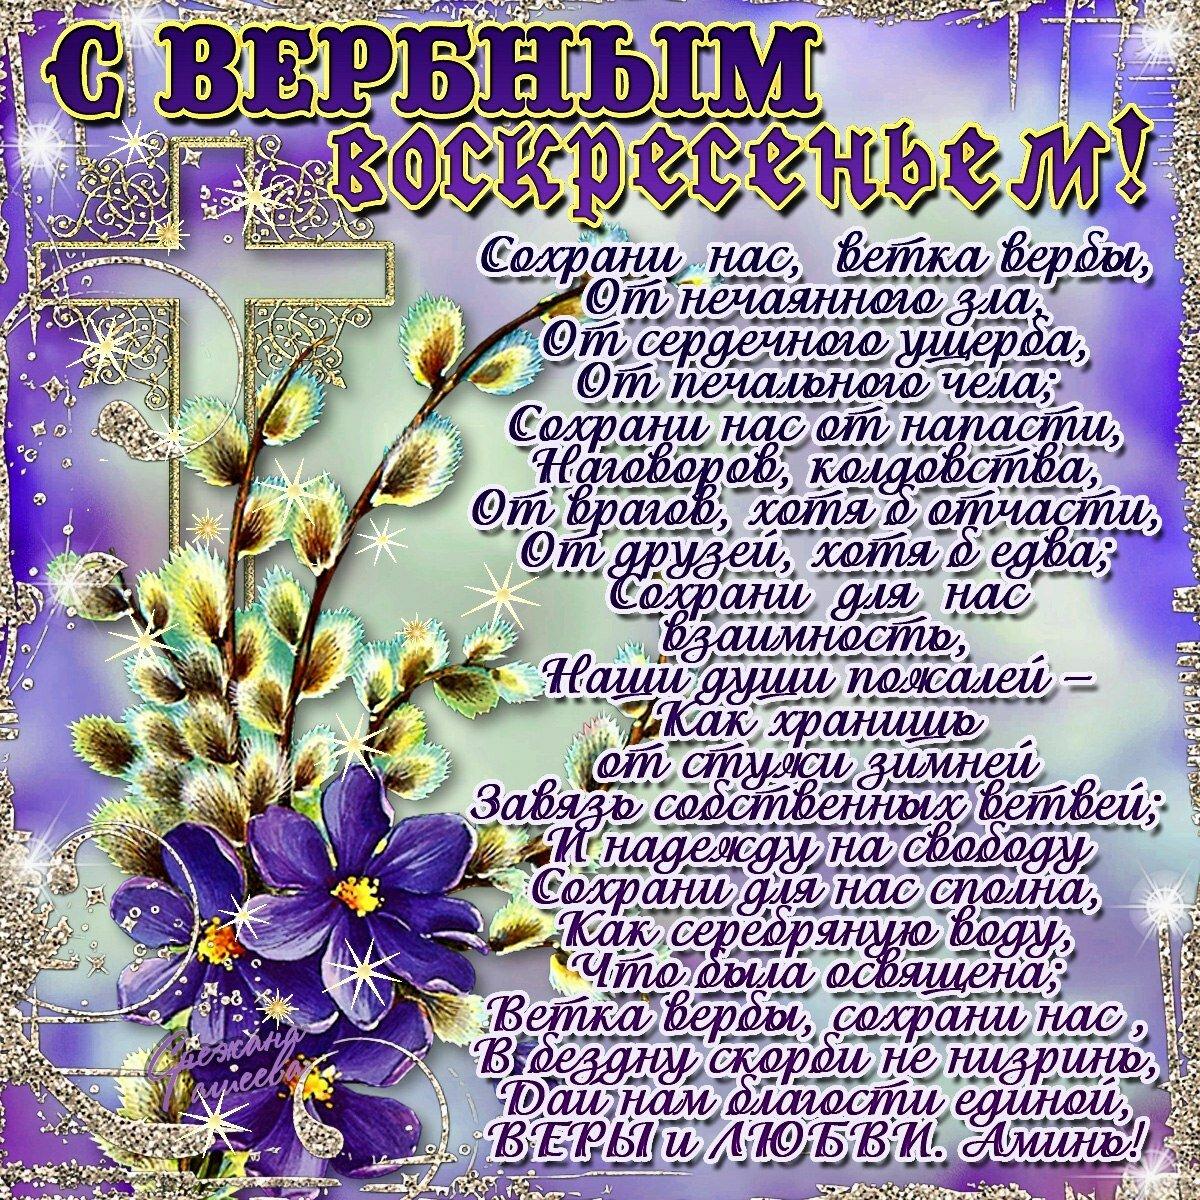 Поздравления открытка с вербным воскресением